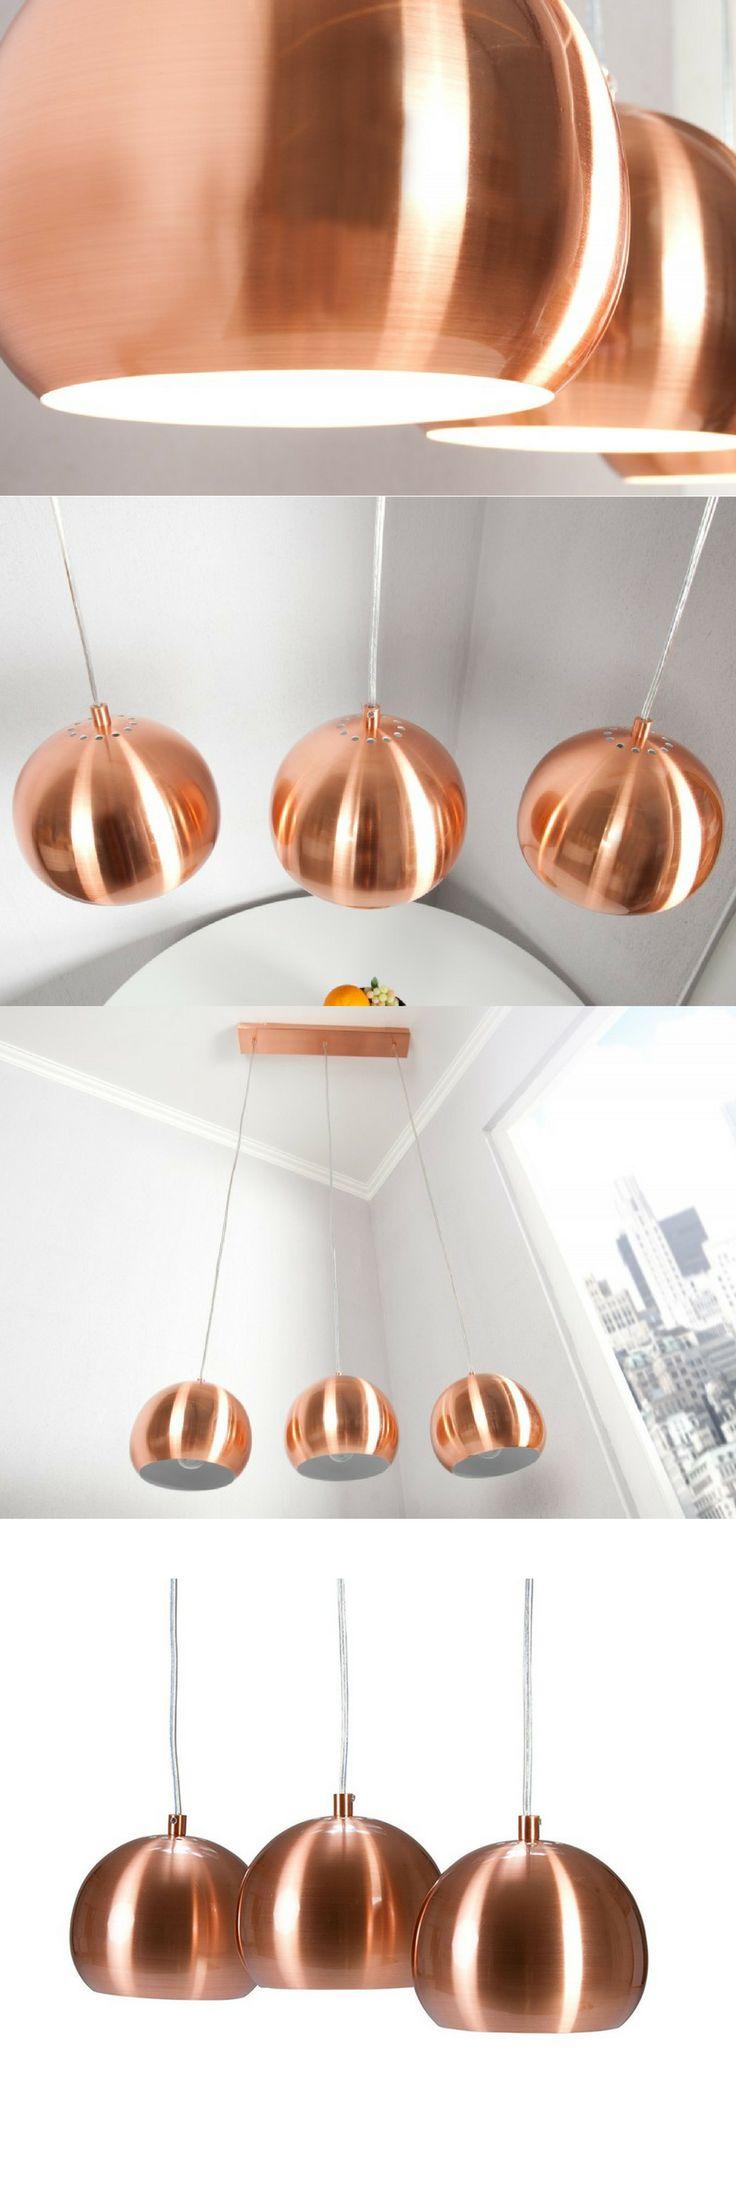 Lampe Kupfer FarbigHngeleuchte Copper Ball 3er Hhenverstellbar Einrichten Und Wohnen Dekoration